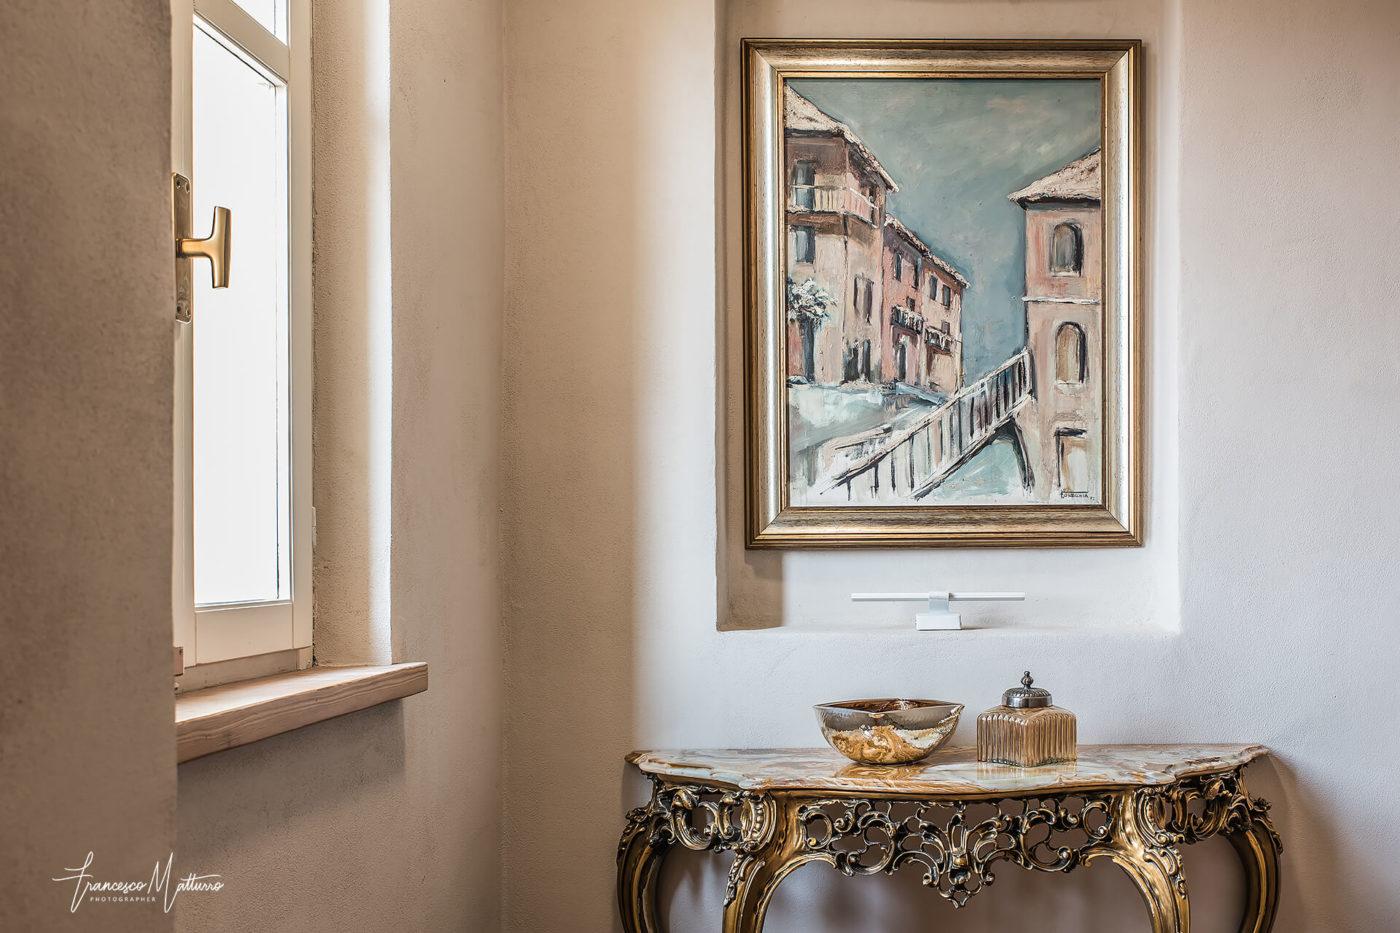 Fotografo di Architettura di interni per agenzie immobiliari - real estate - Spa nelle Langhe e alberghi, hotel, agriturismi, la morra, Barolo, Alba, Barbaresco, relais, bed&breakfast, b&b Francesco Matturro